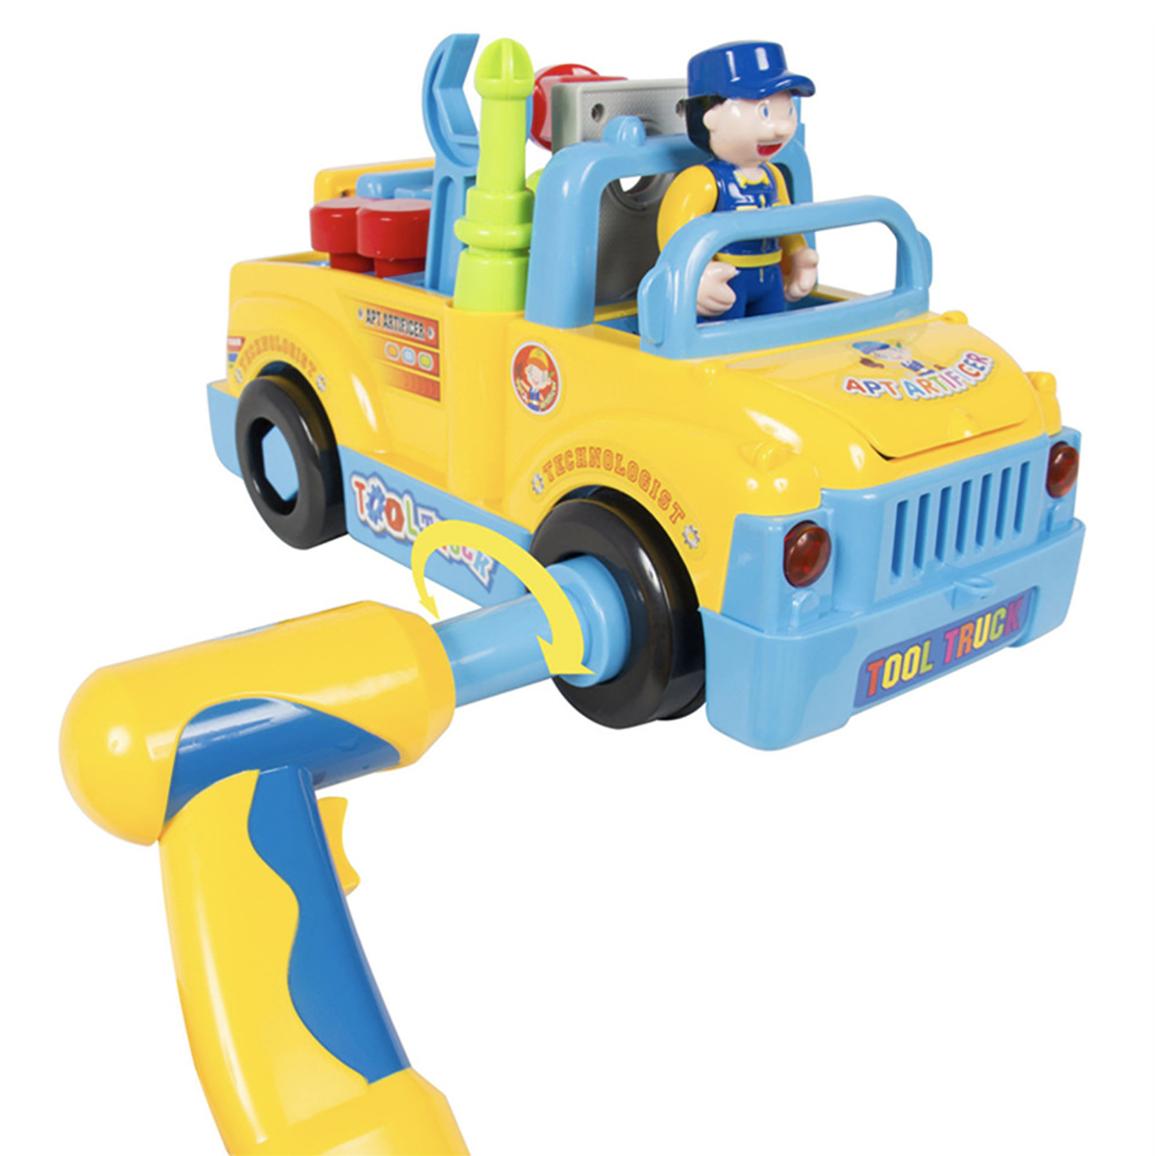 Pequeño Camión Mecánico de Herramientas - Código: 789